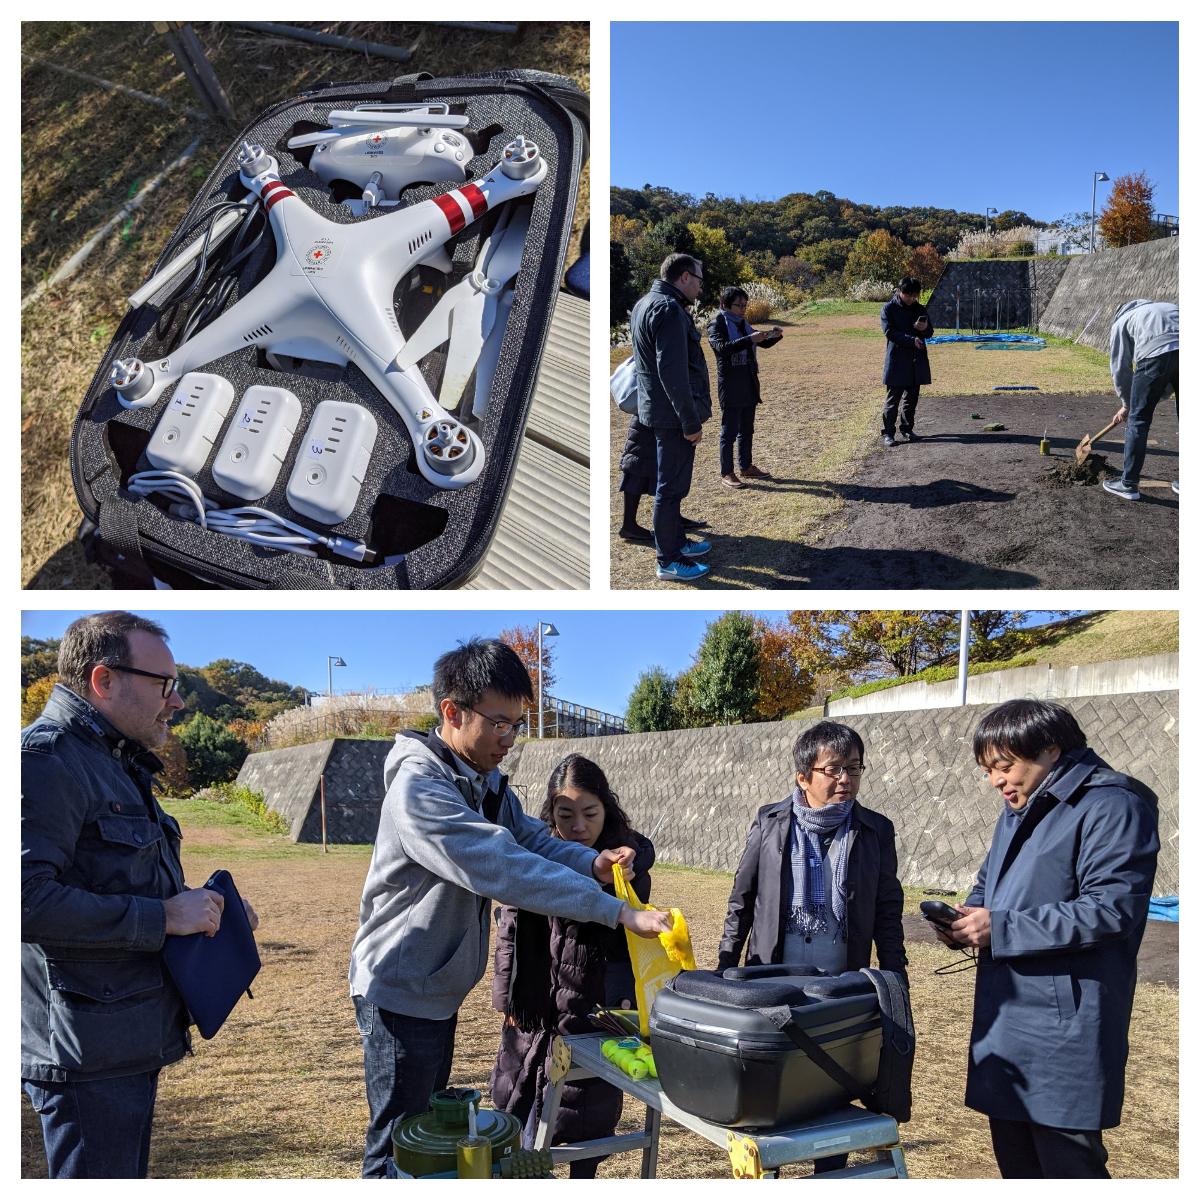 不発弾探知を目的とした赤外線カメラ搭載ドローンのテスト飛行を早稲田大学と実施